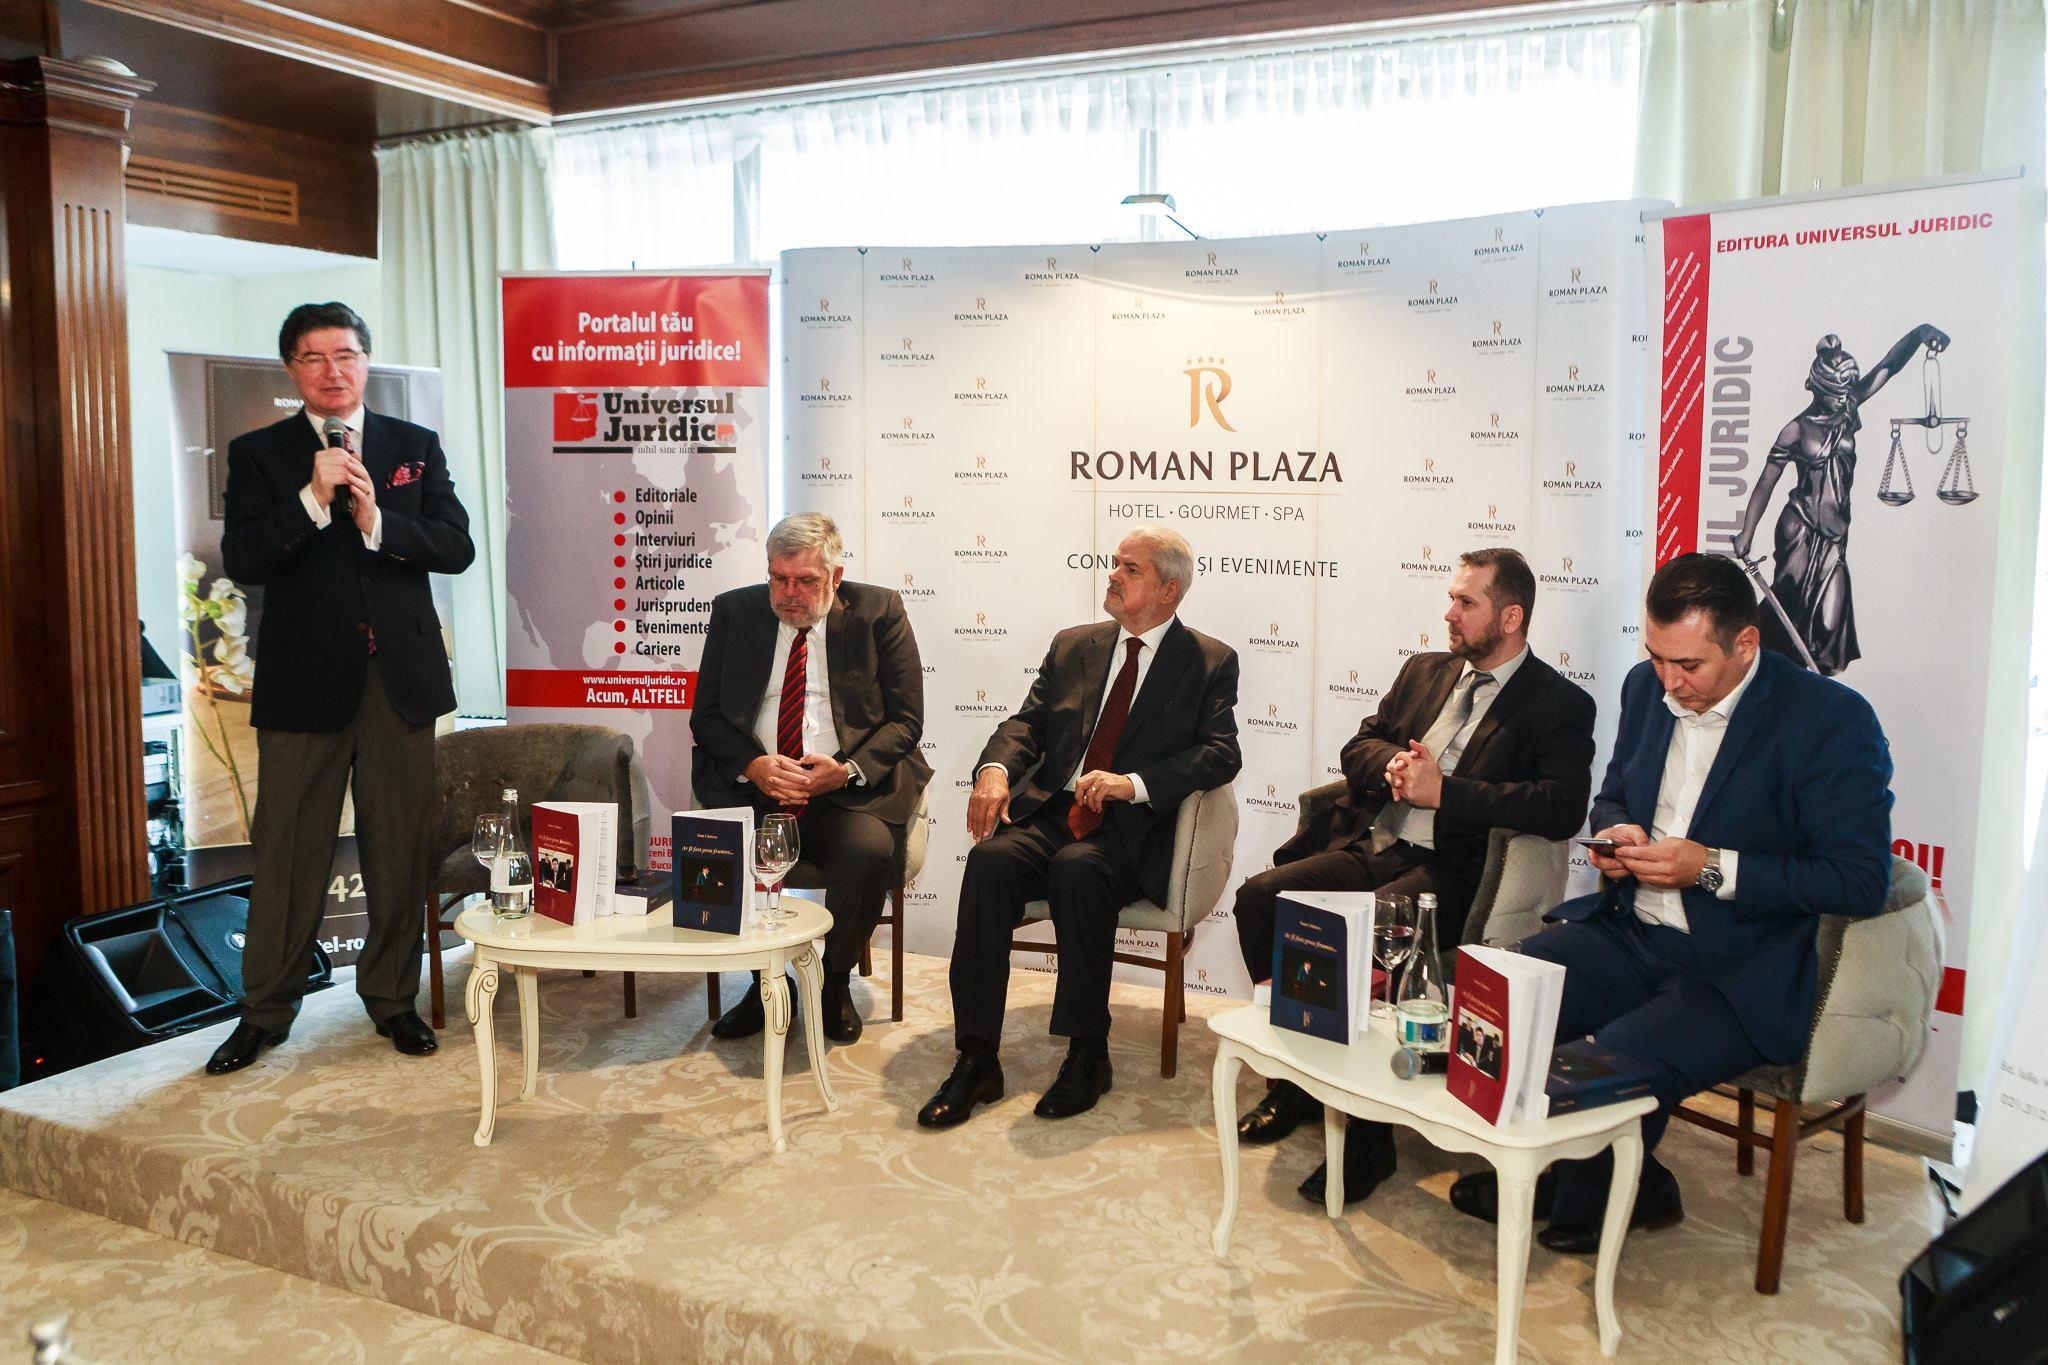 [VIDEO] Ioan Chelaru și căderea cortinei peste revizuirea Constituției